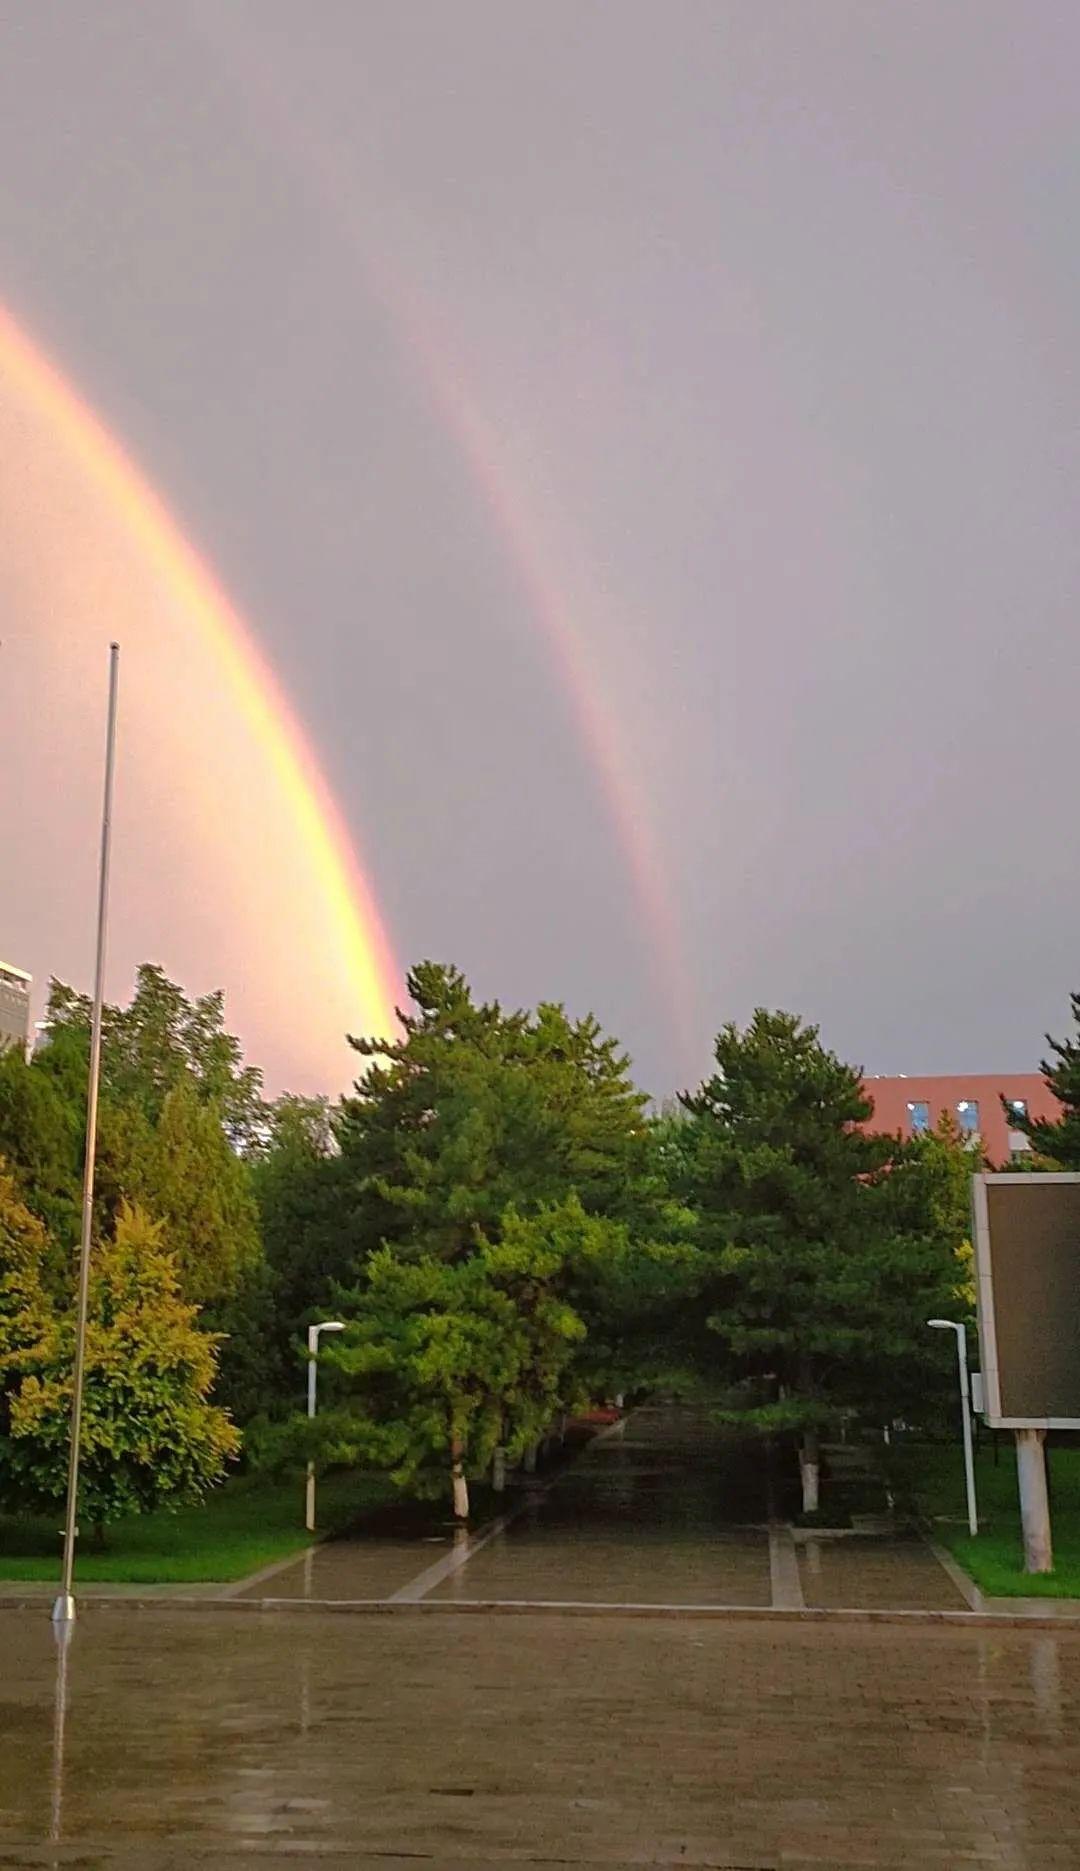 【赢咖3开户】|赢咖3开户用第一场秋雨图片